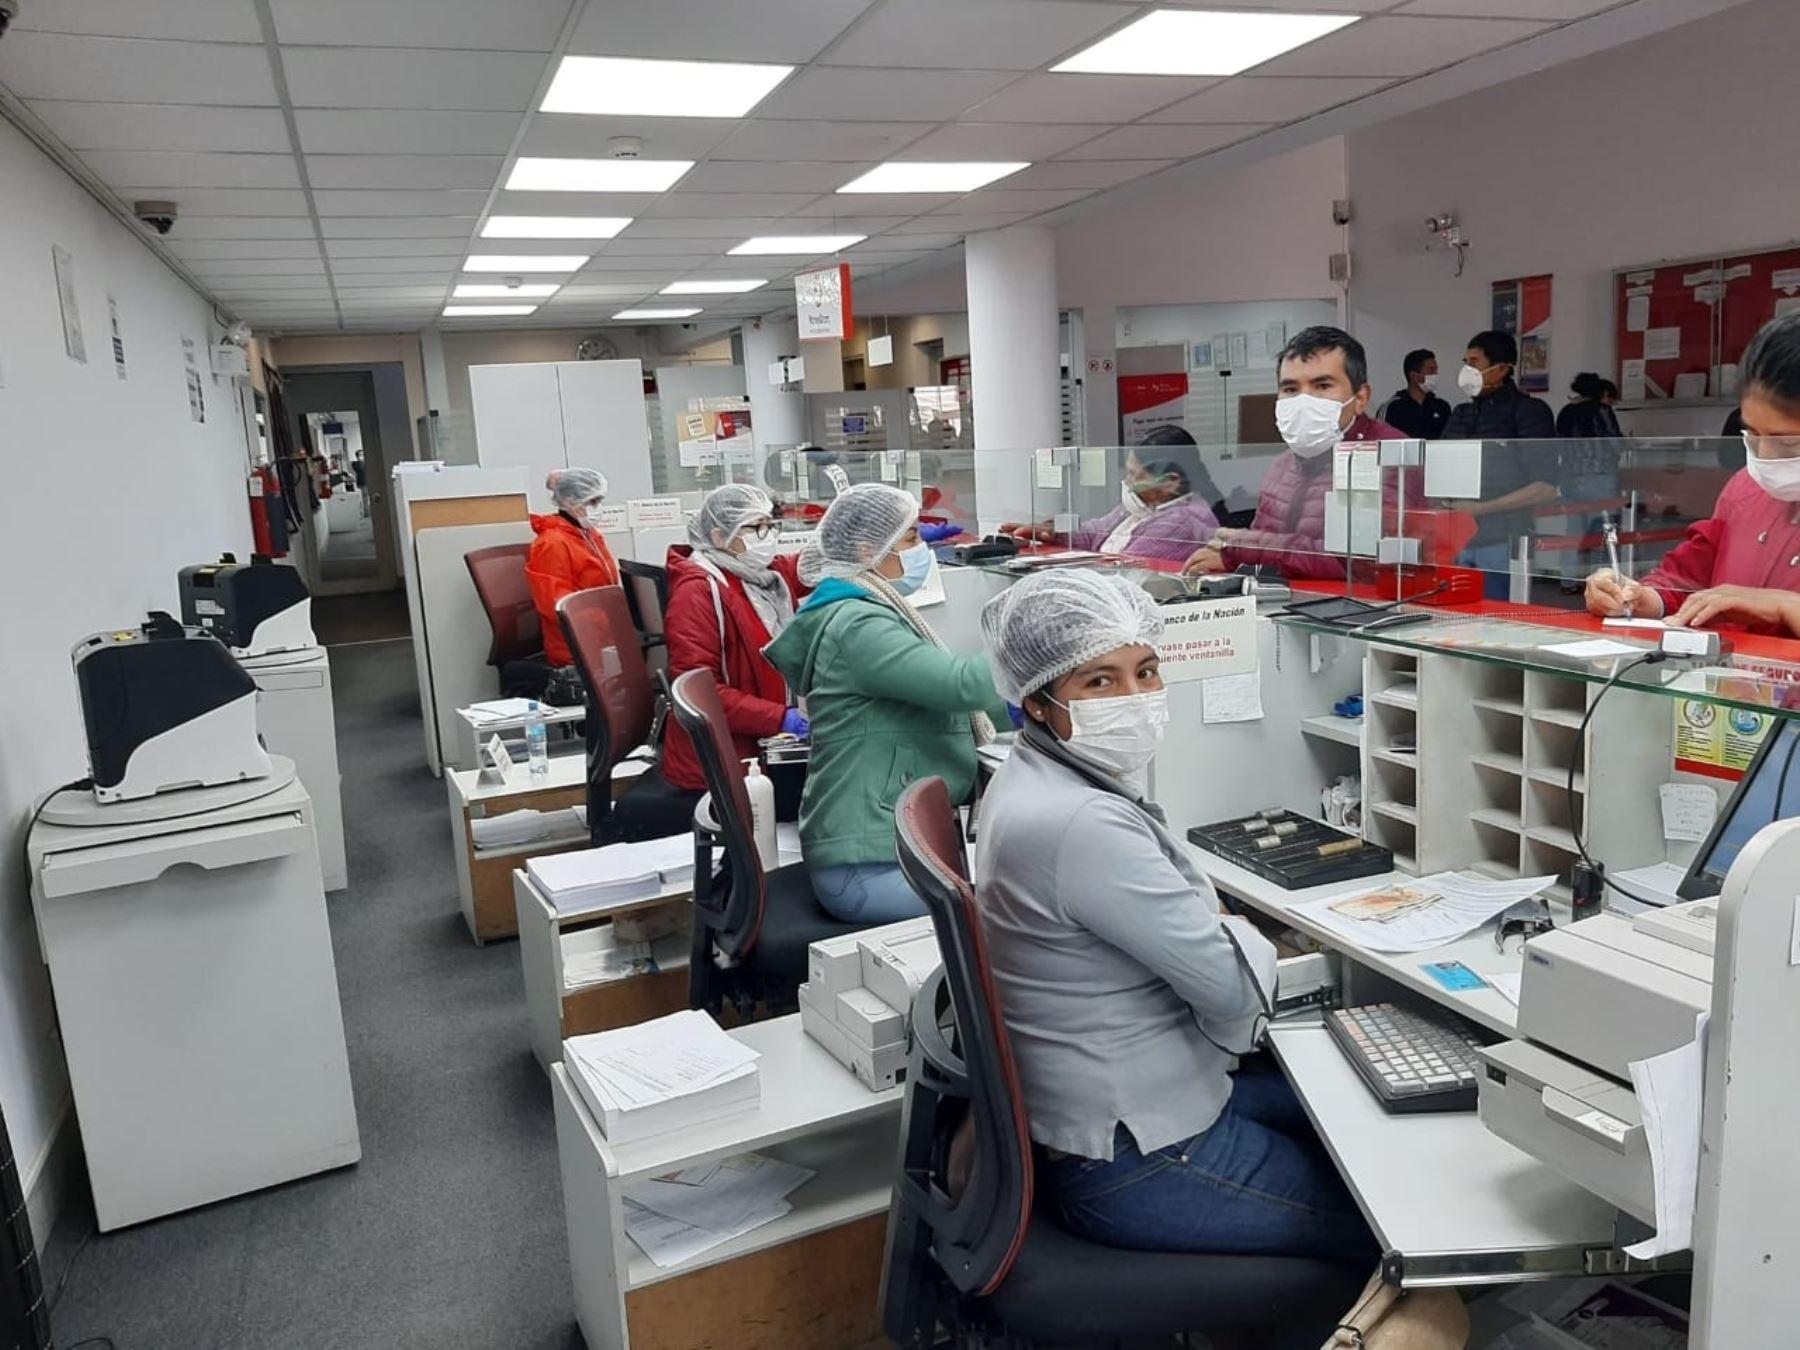 Trabajadores del Banco de la Nación, que atienden de manera personal al público, usan mascarillas de protección. Foto: Difusión